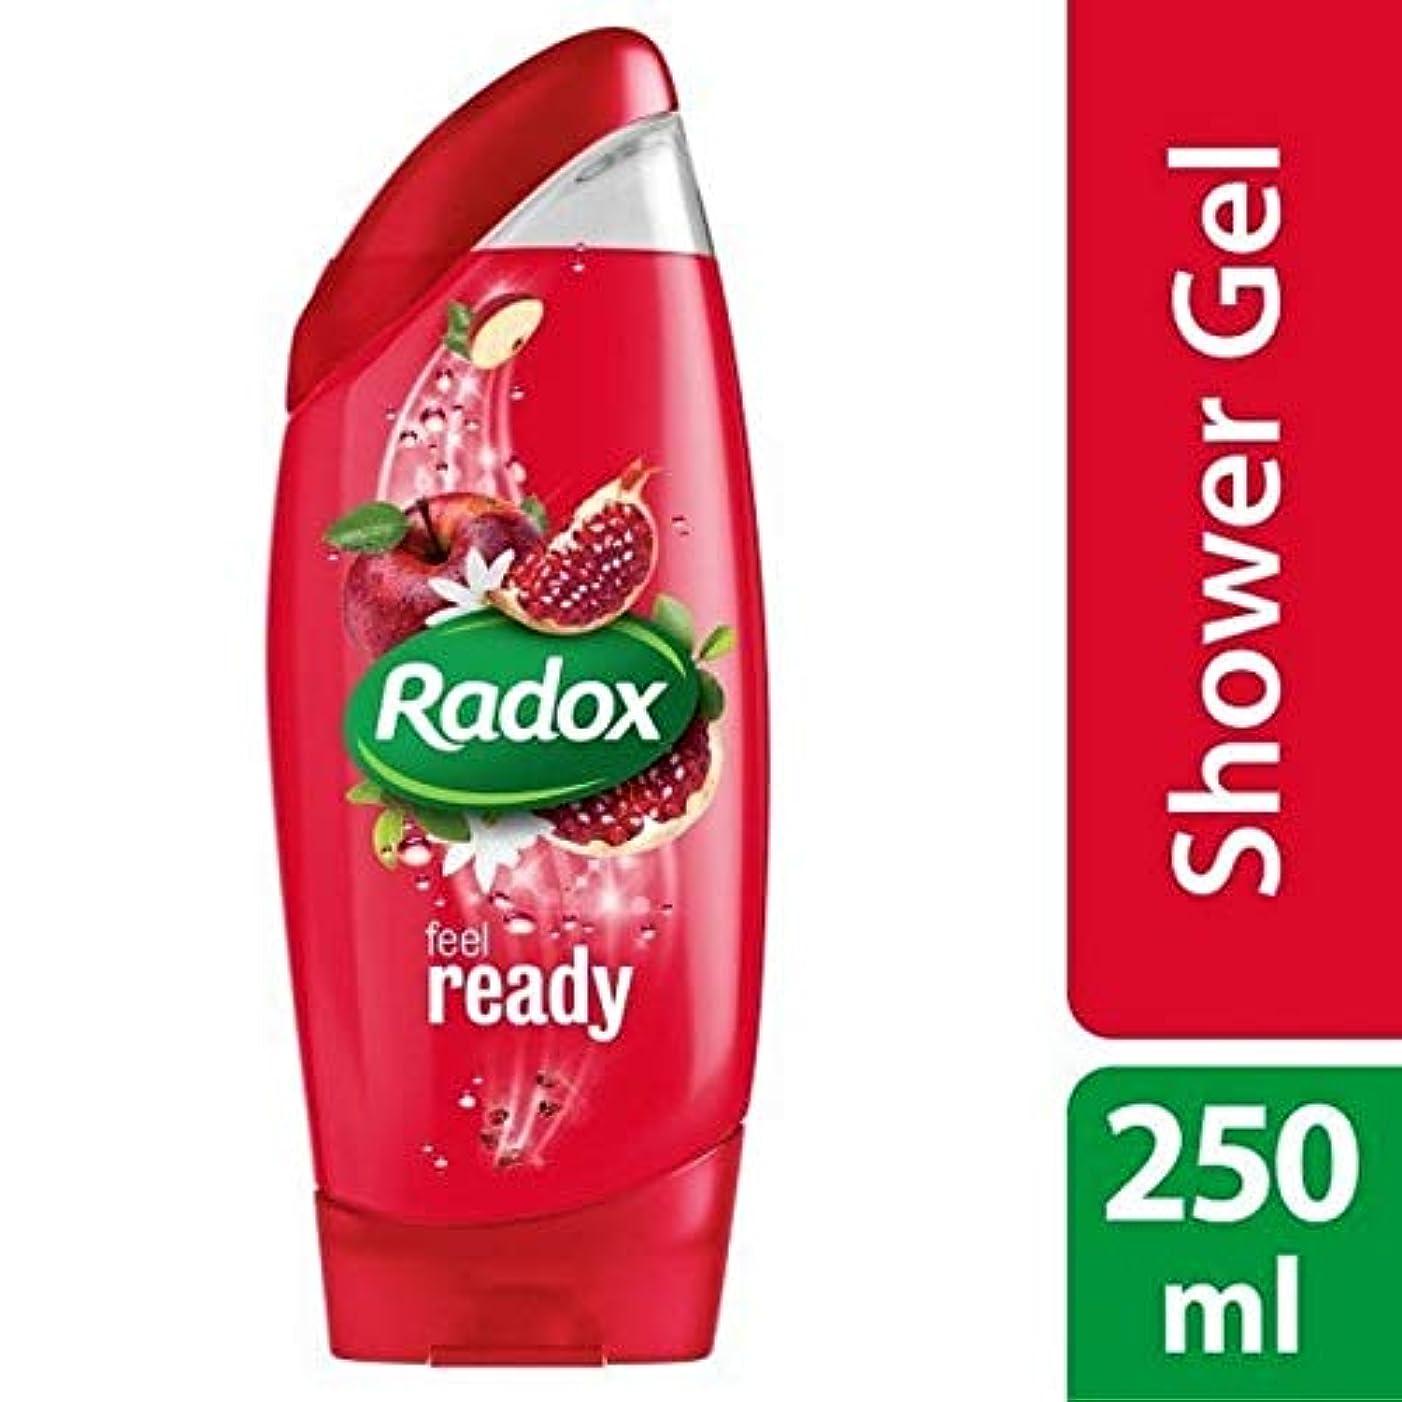 複数伝える社会学[Radox] Radoxは準備ができてシャワージェル250ミリリットルを感じます - Radox Feel Ready Shower Gel 250ml [並行輸入品]